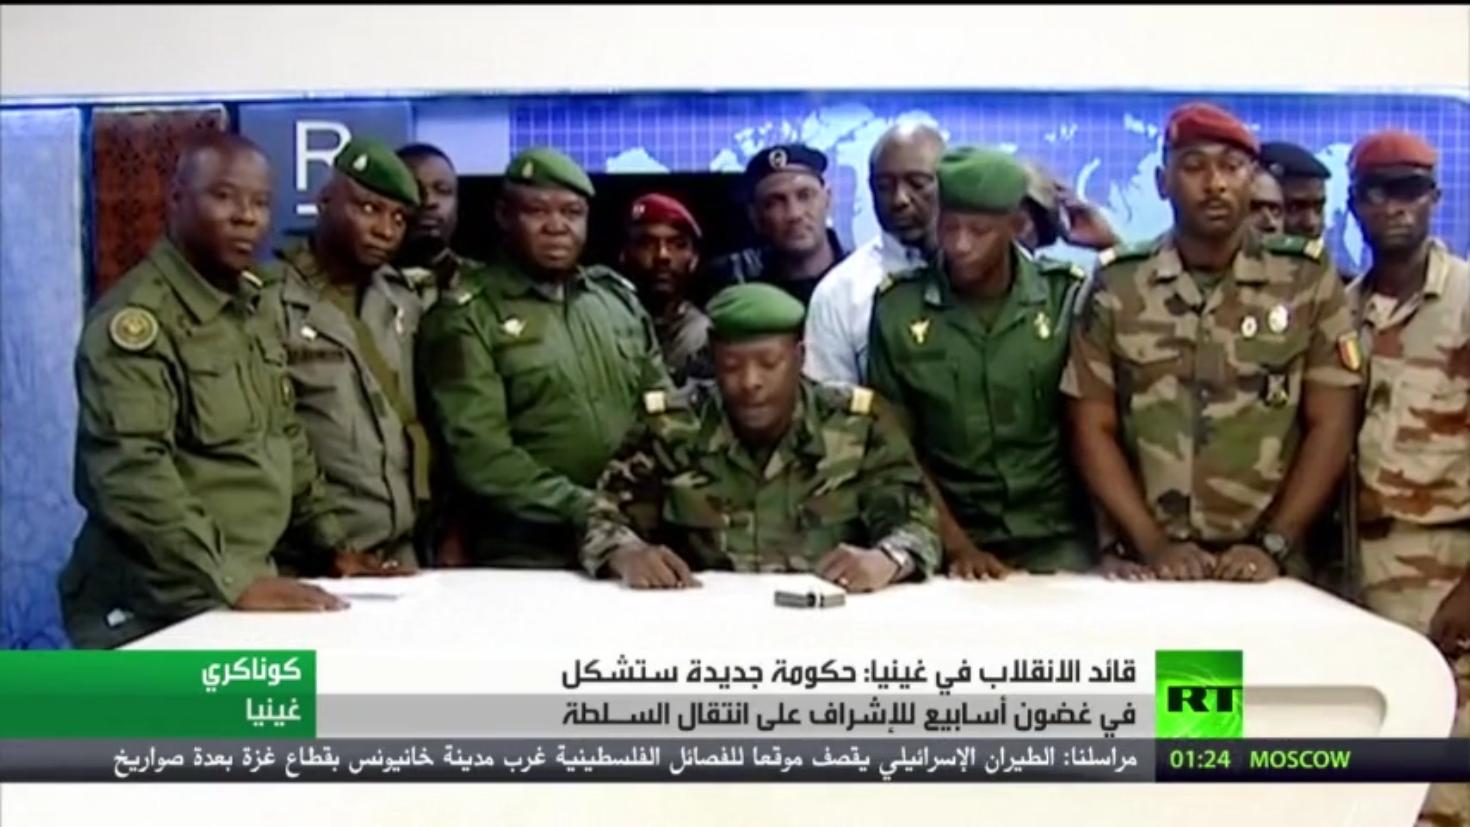 تنديد دولي بالانقلاب العسكري في غينيا ومطالبة بعودة النظام الدستوري في البلاد